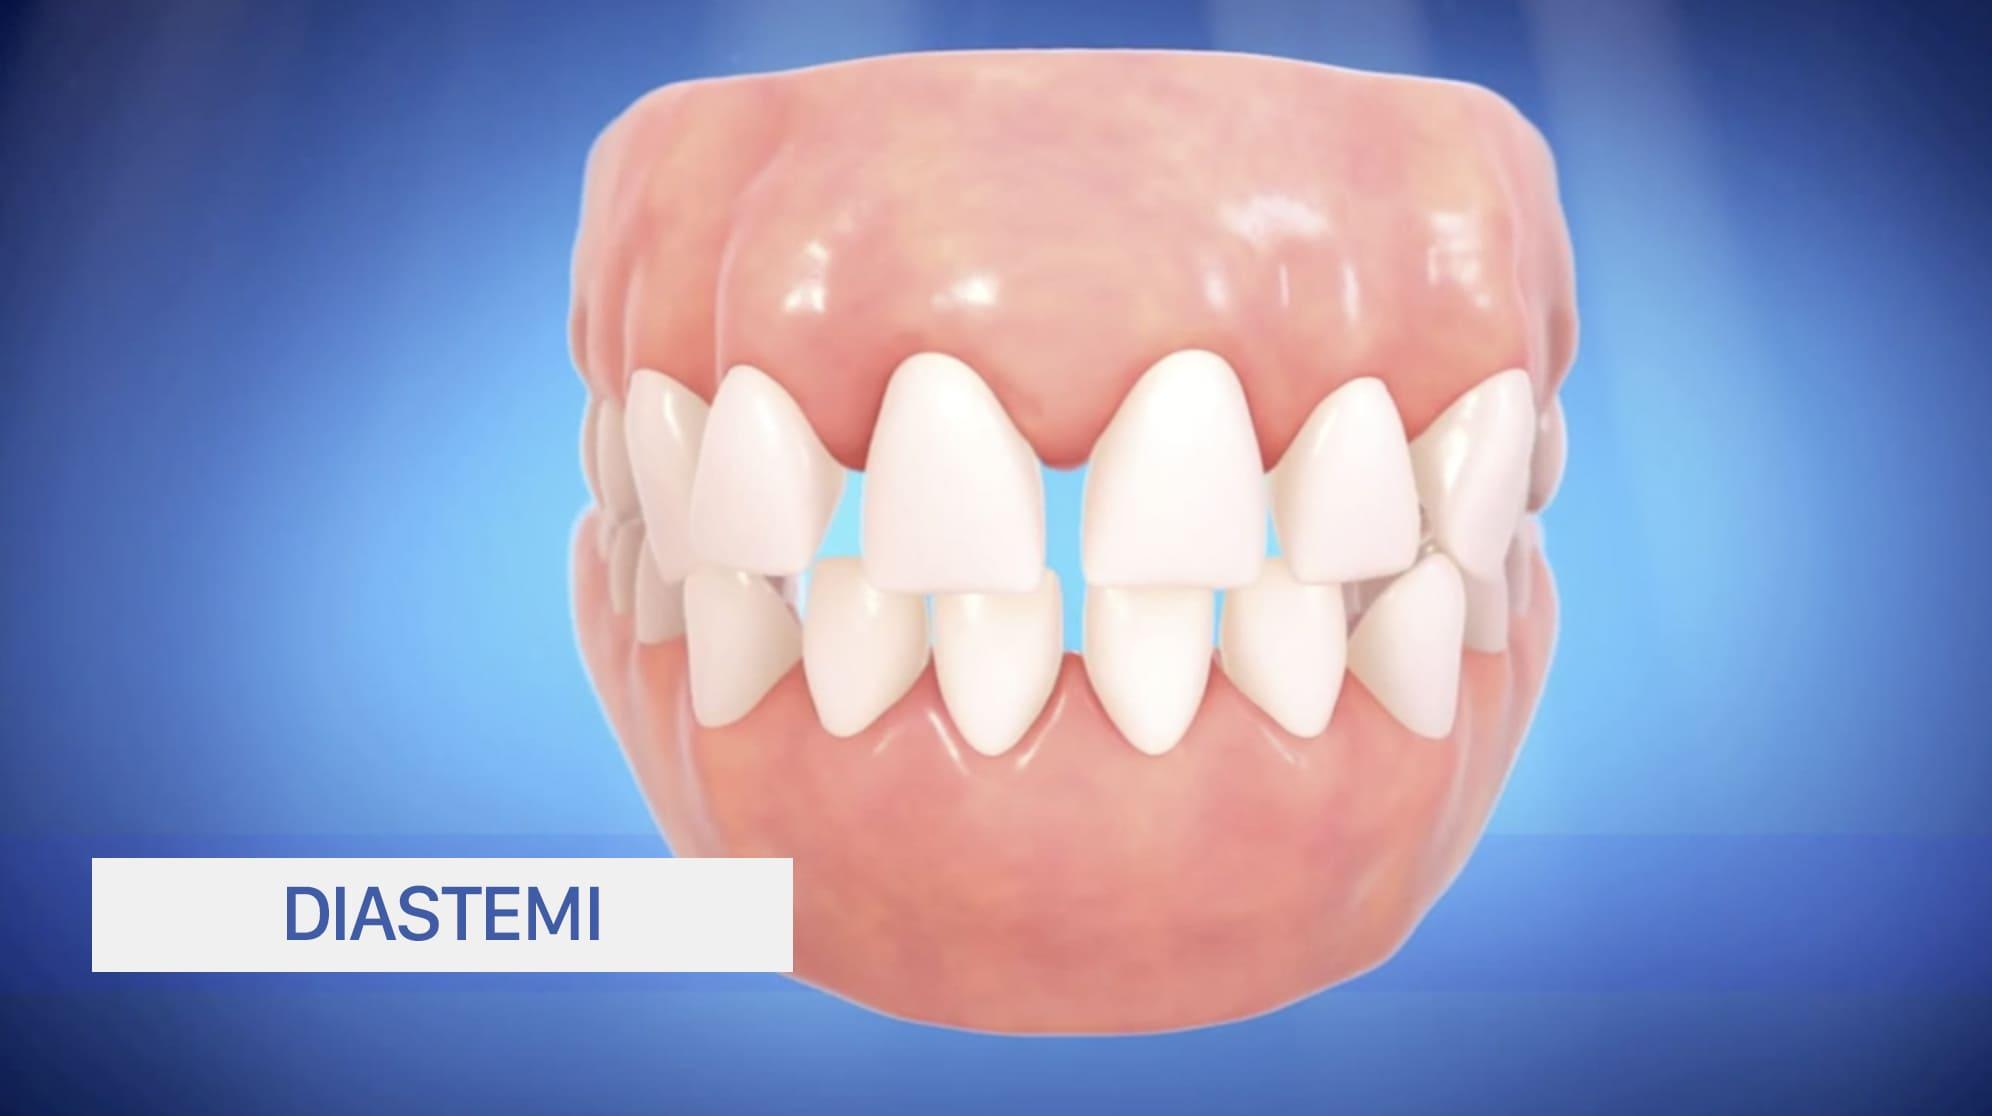 Diastemi, spazi tra i denti